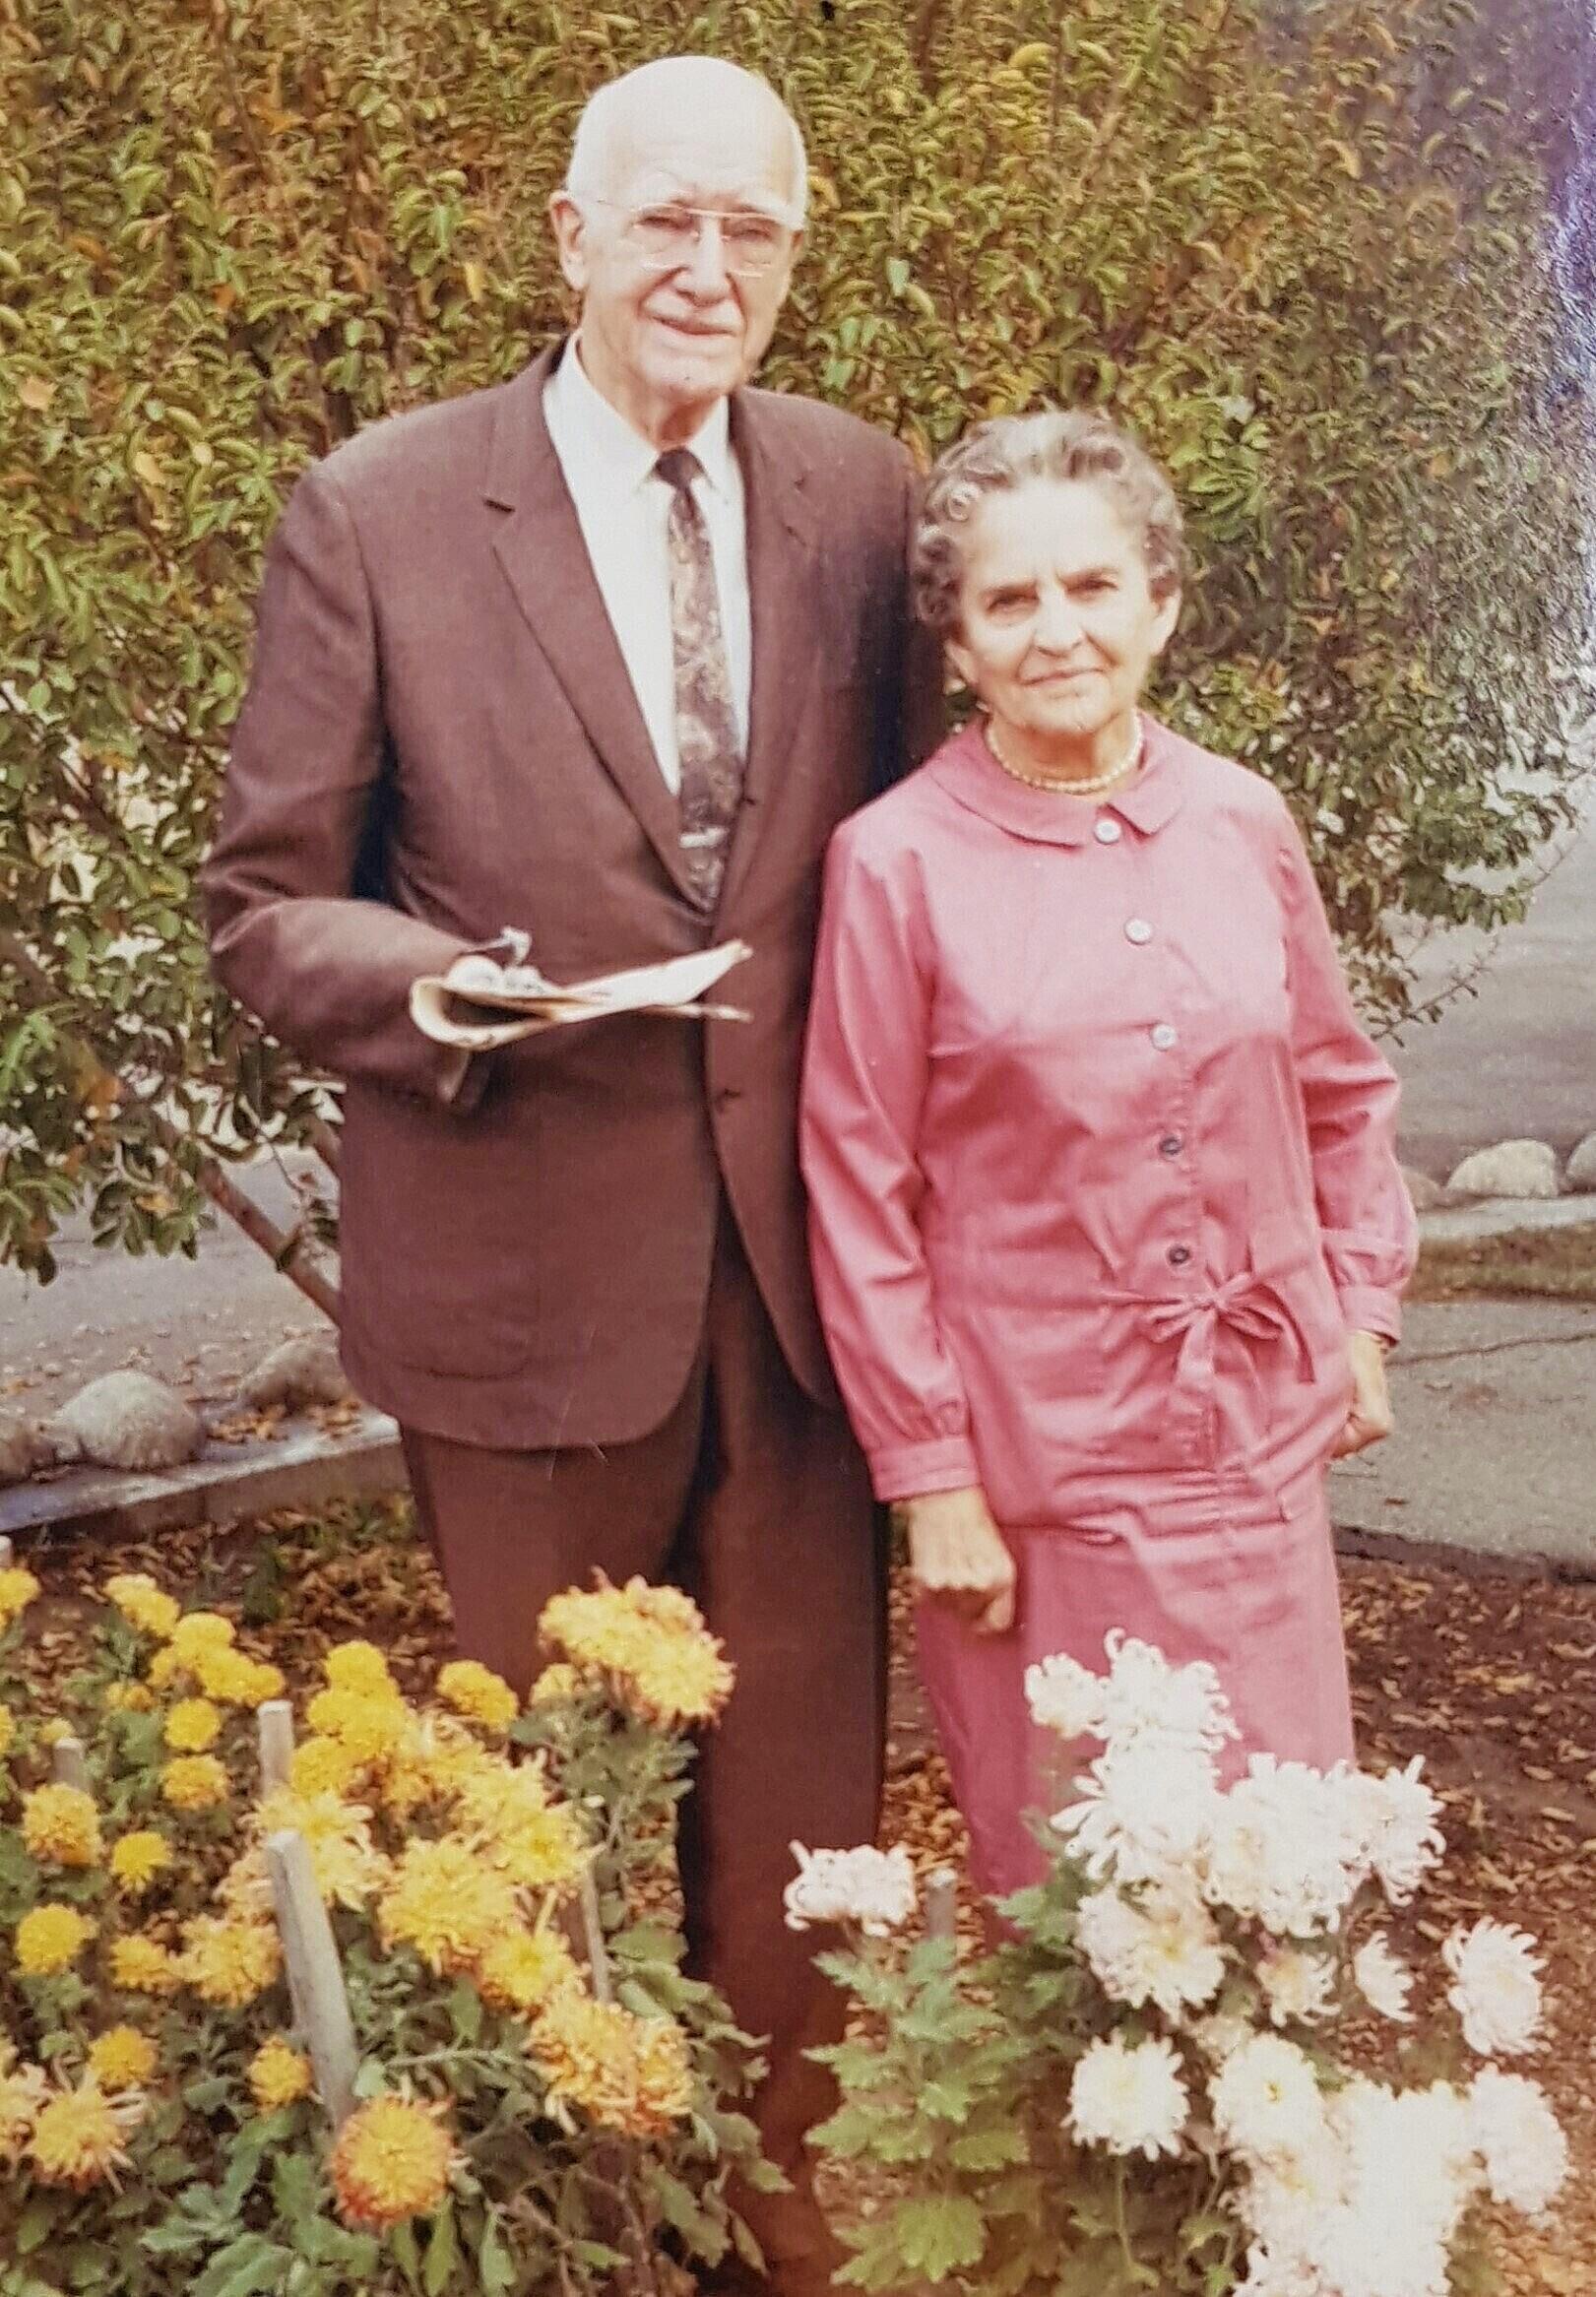 Amputee Rev. Dr. Reuben Torrey with his wife, Janet.